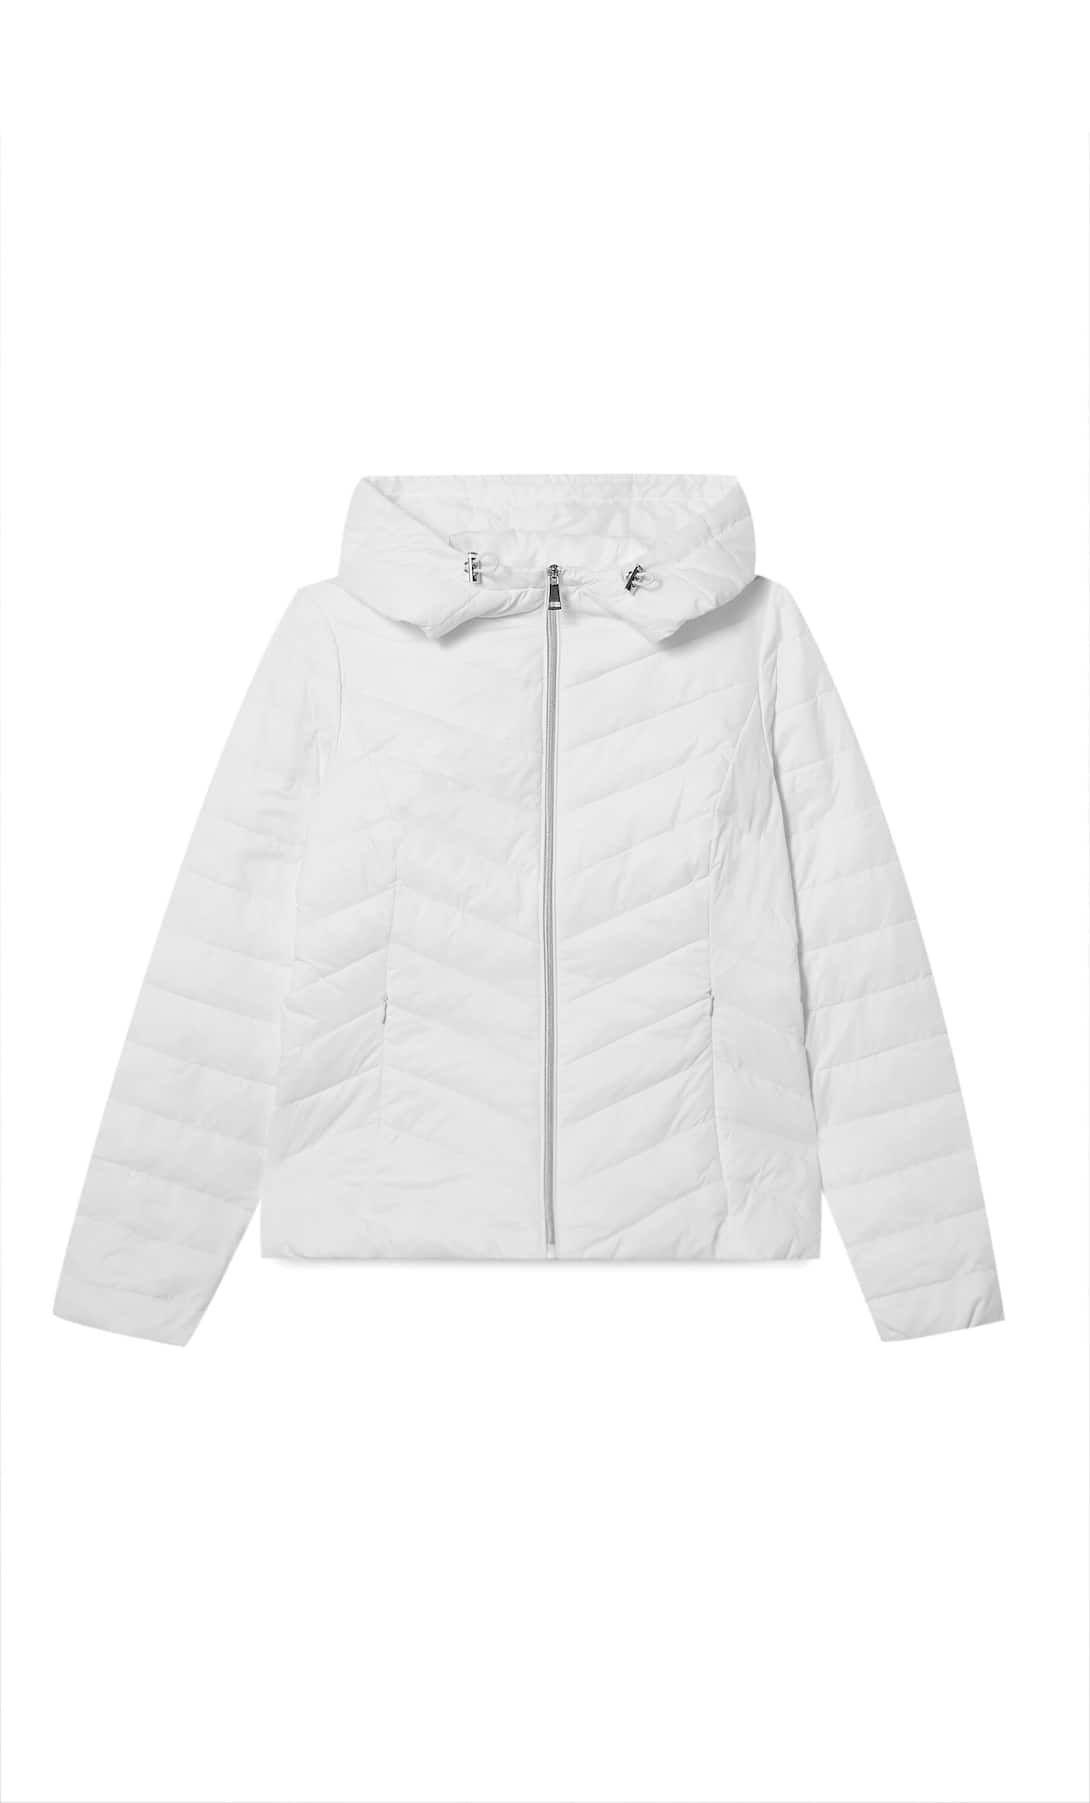 #PopbelaOOTD: Rekomendasi Jaket Perempuan di Bawah 500 Ribu